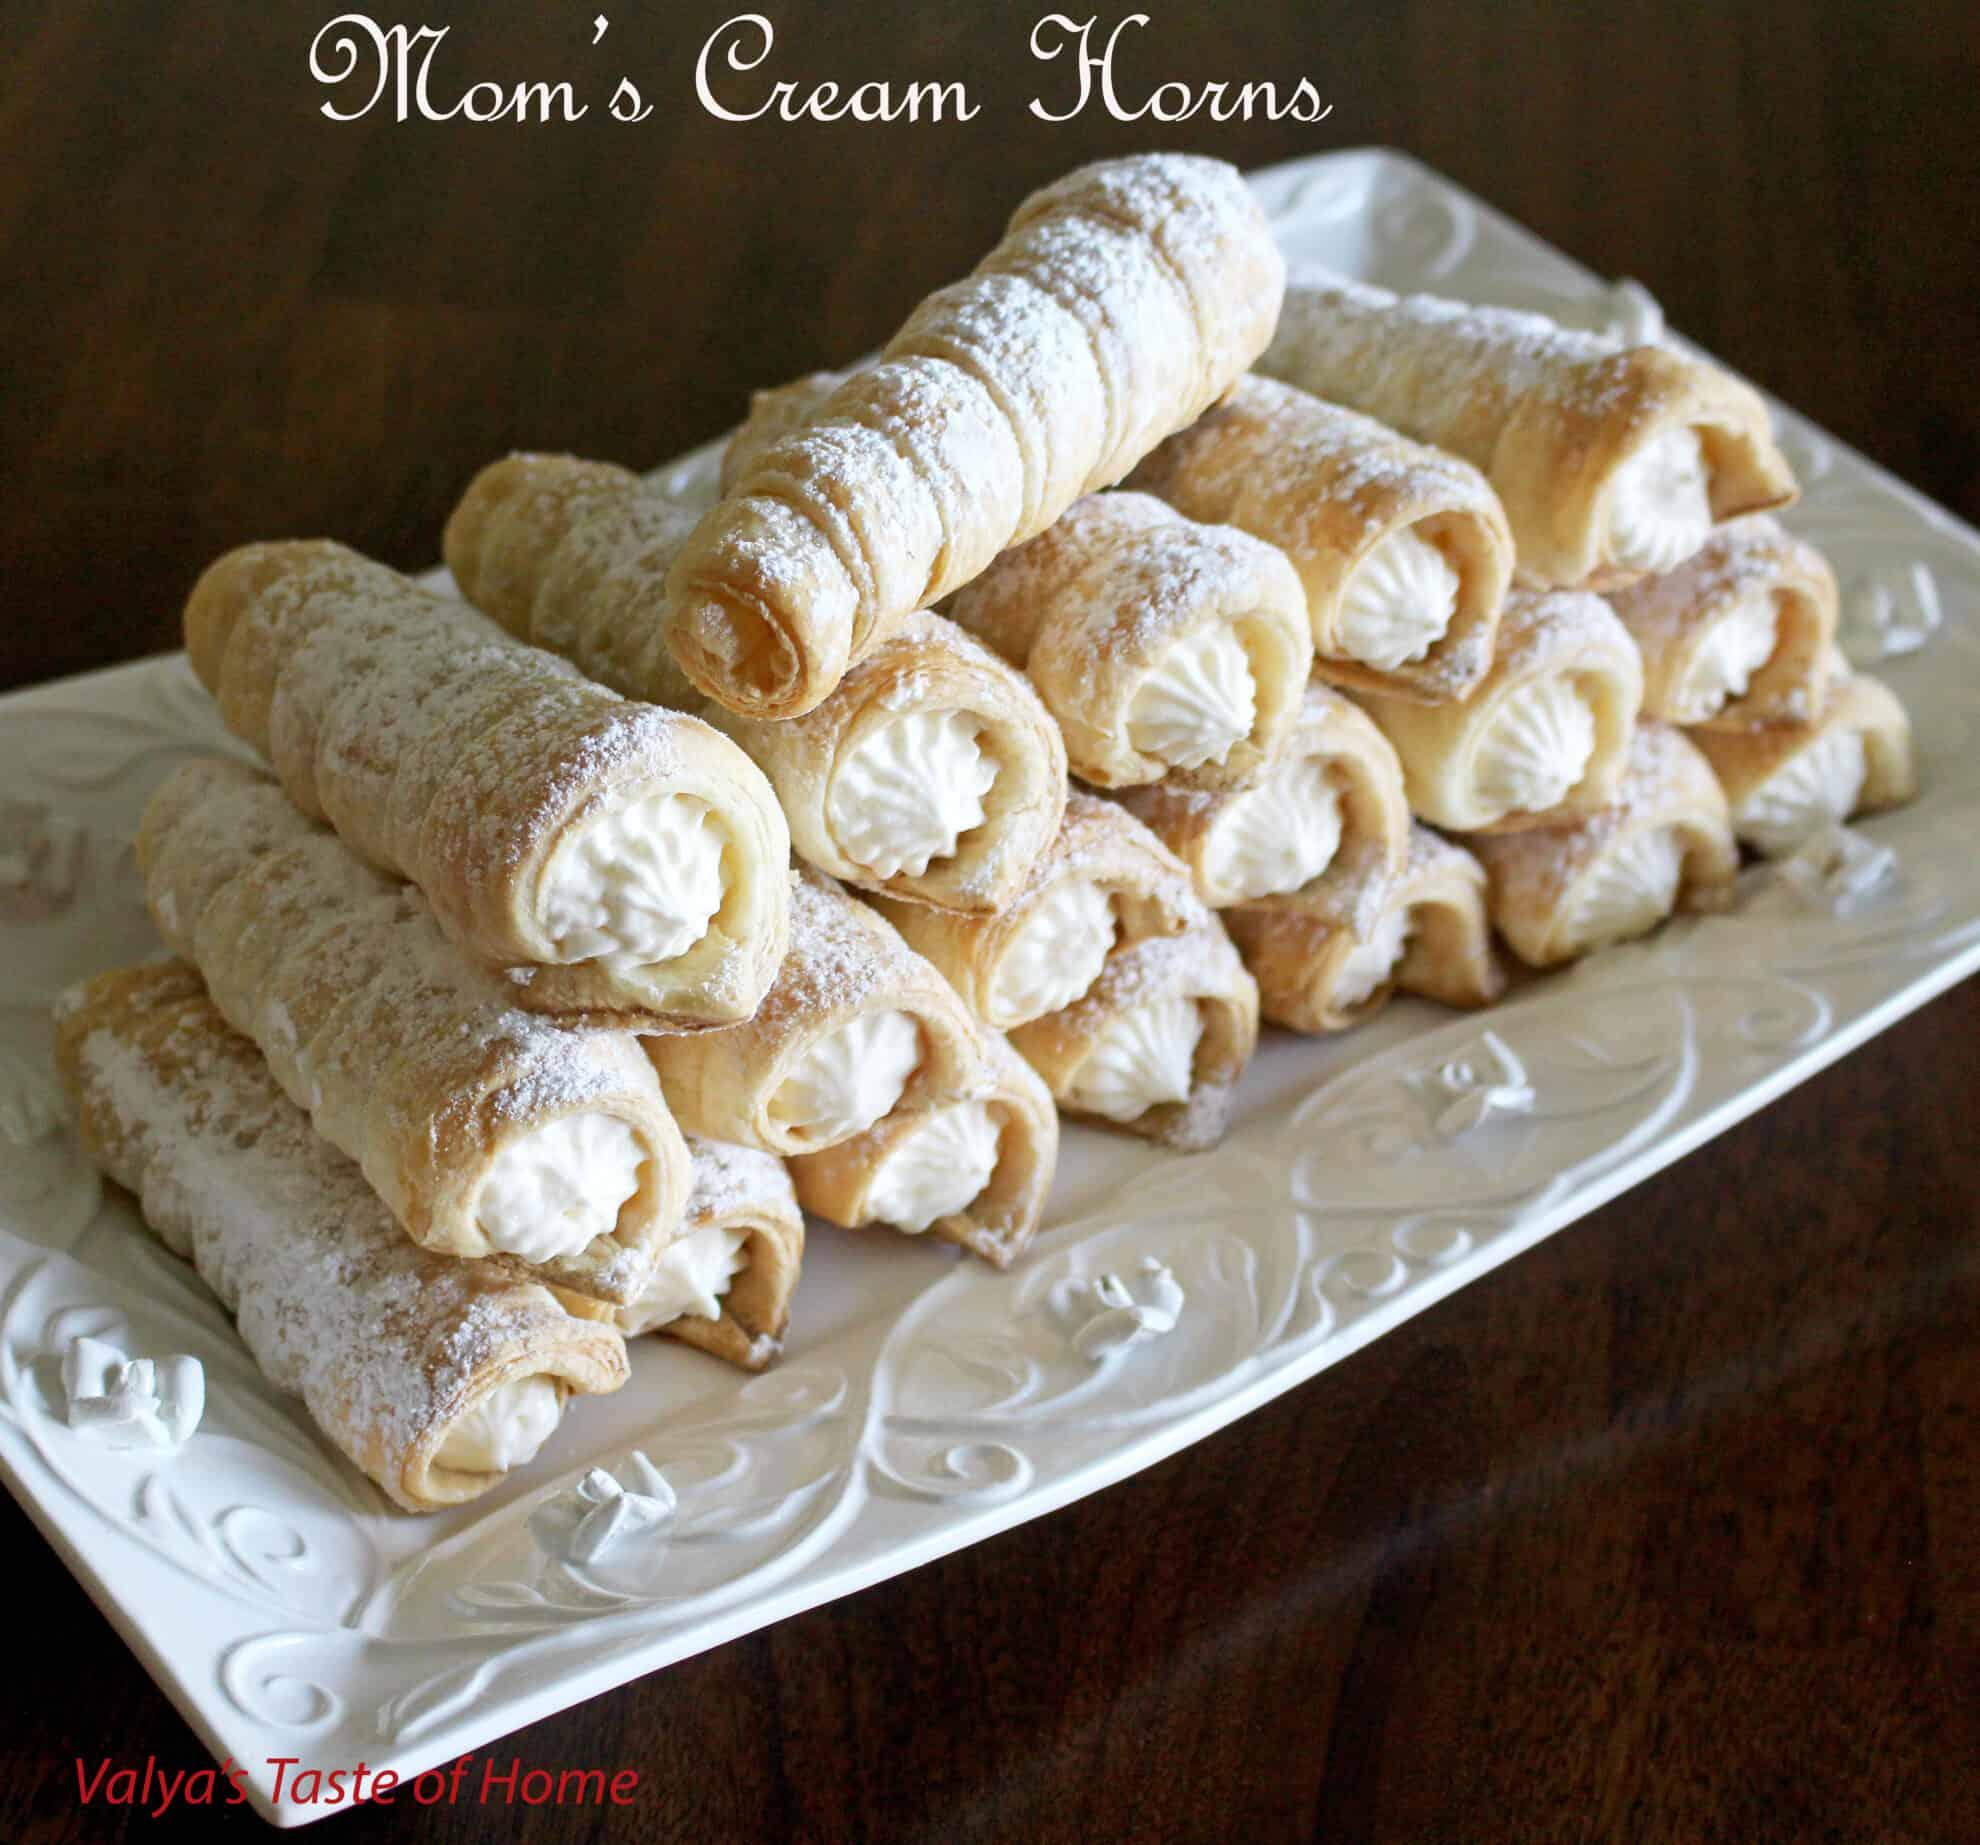 Mom's Cream Horns - Valya's Taste of Home Horns Recipe